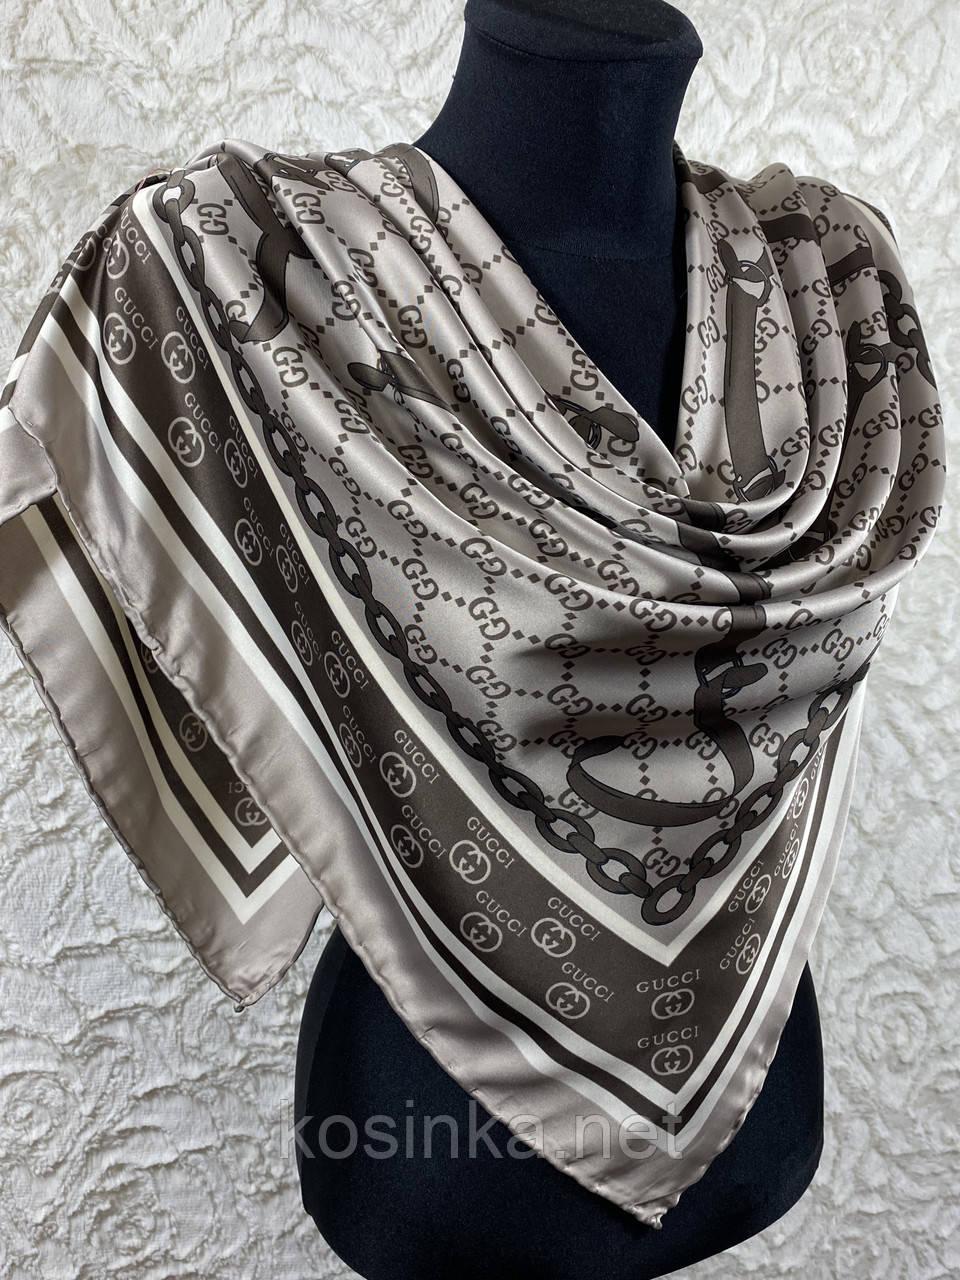 Турецкий брендовый платок Gucci цвет кофе с молоком 90х90 см (цв.1)